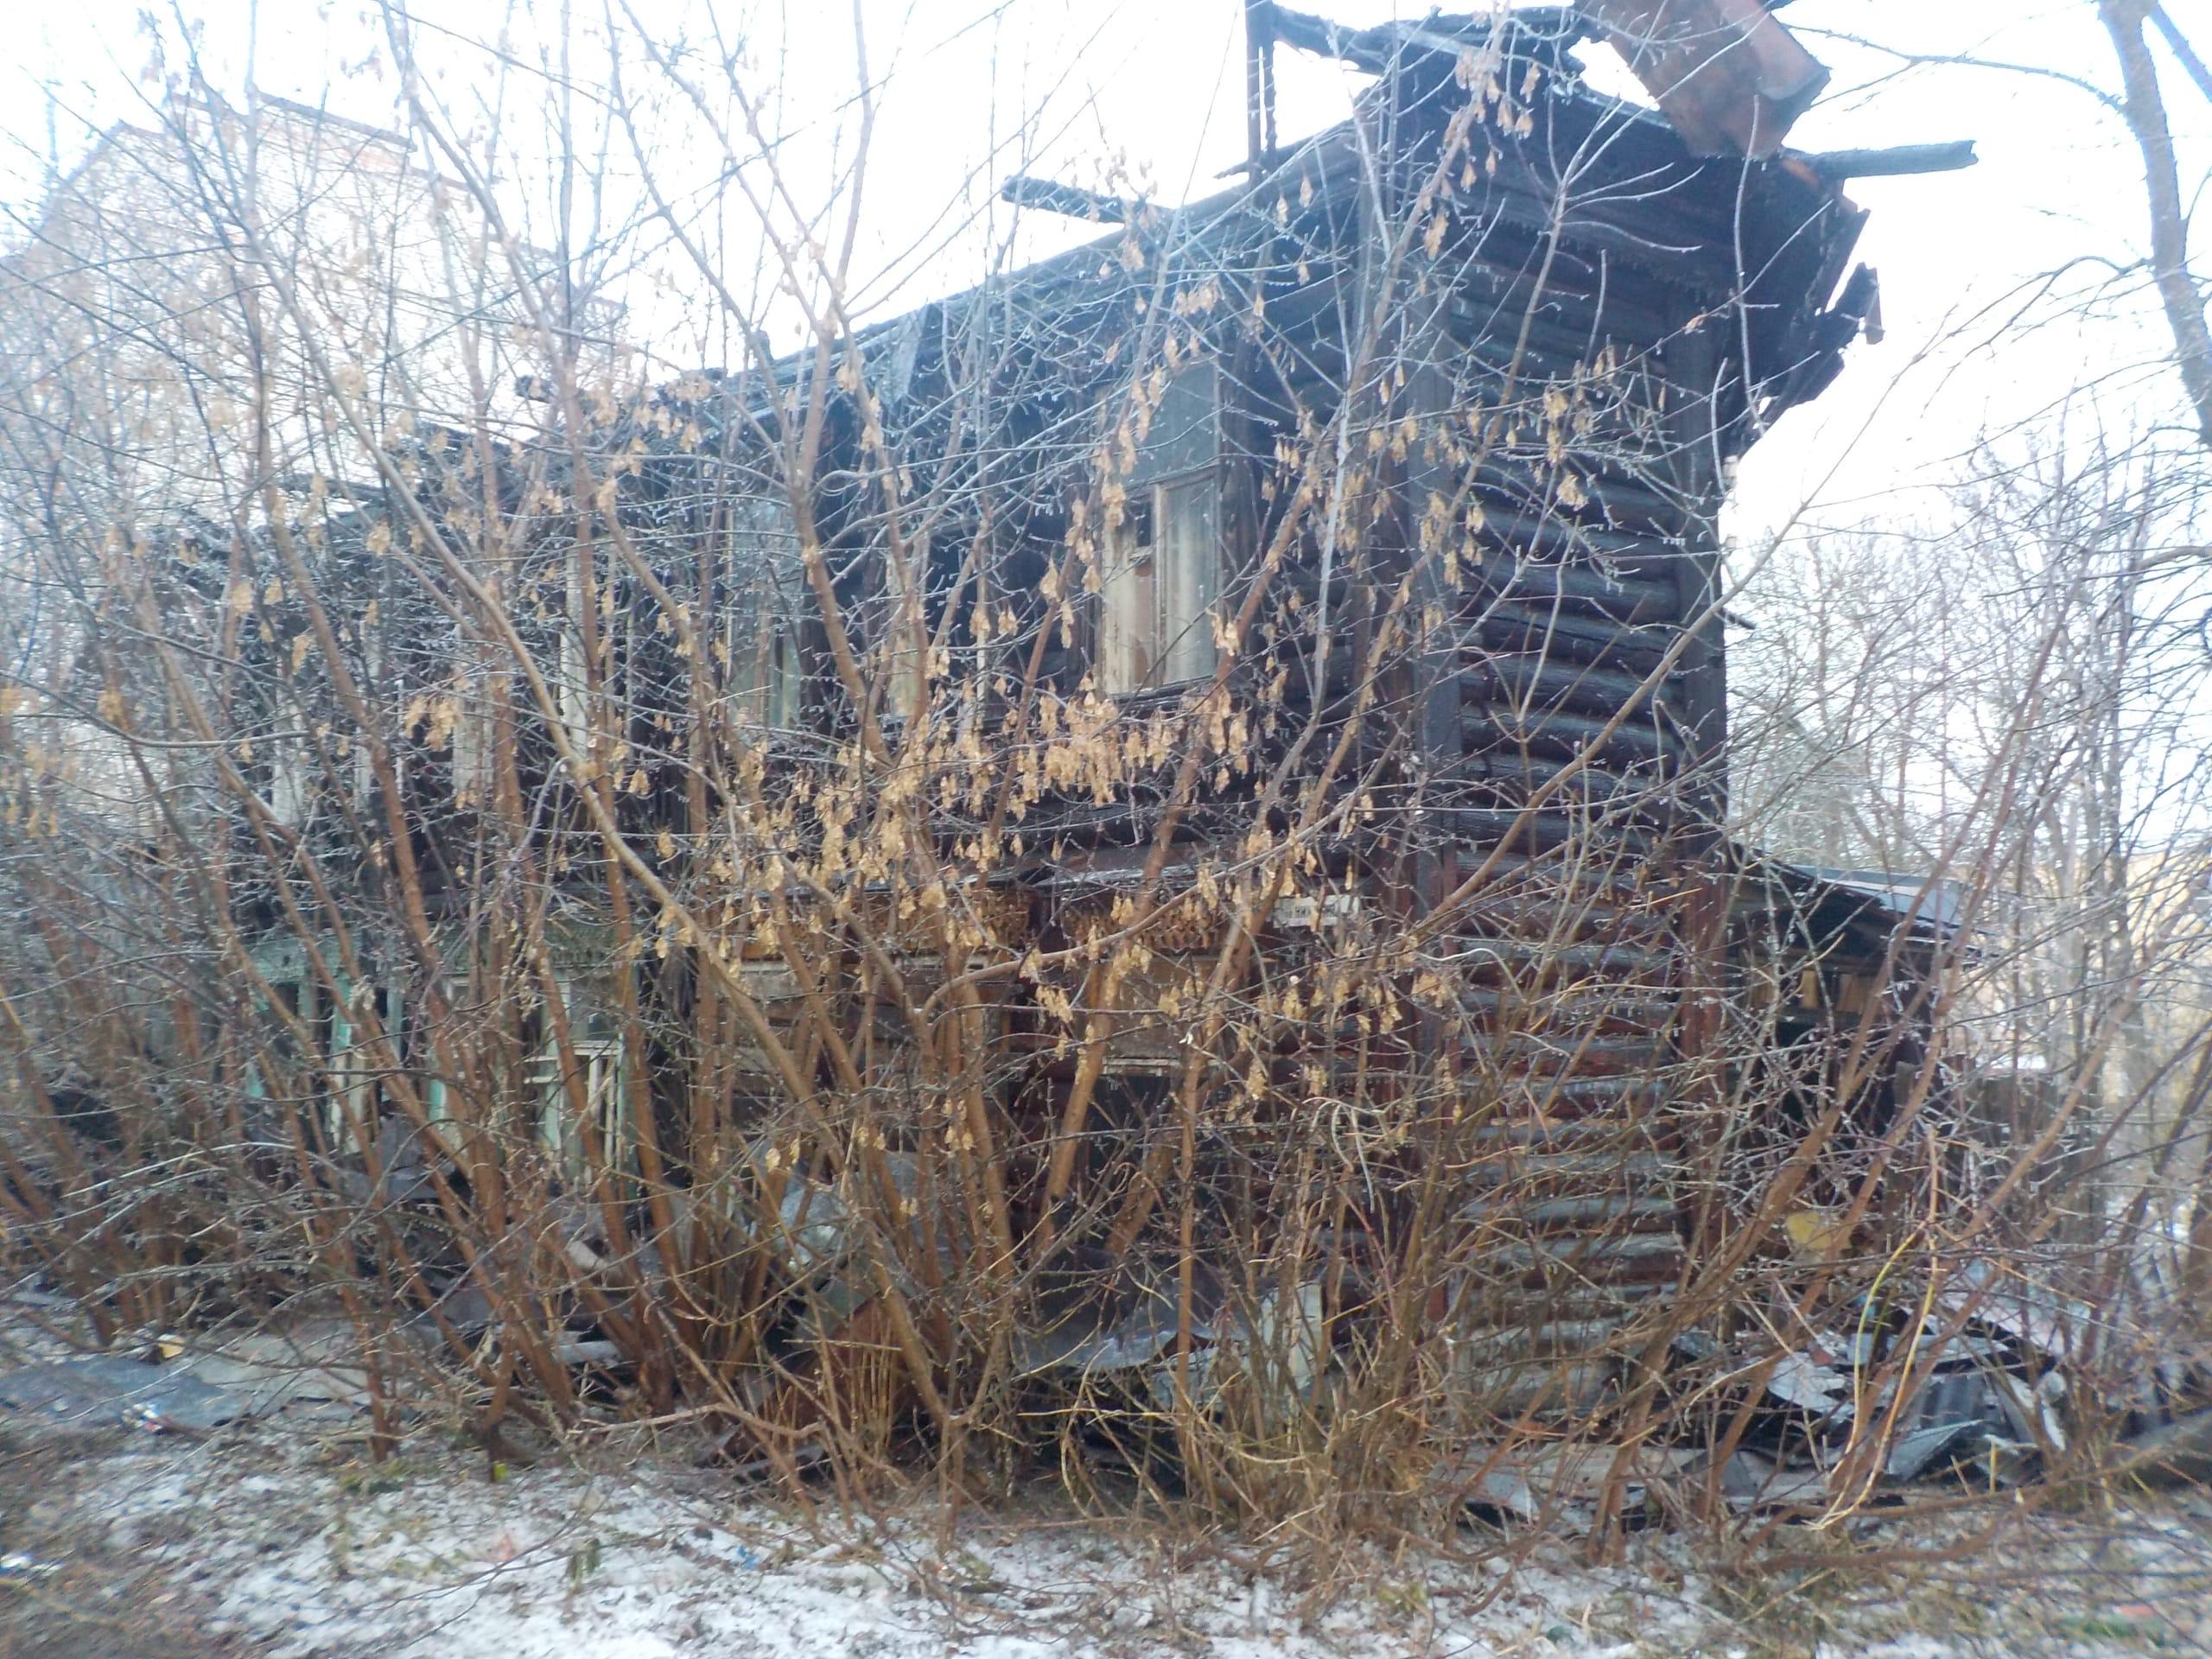 Человек погиб при пожаре в жилом доме в Твери